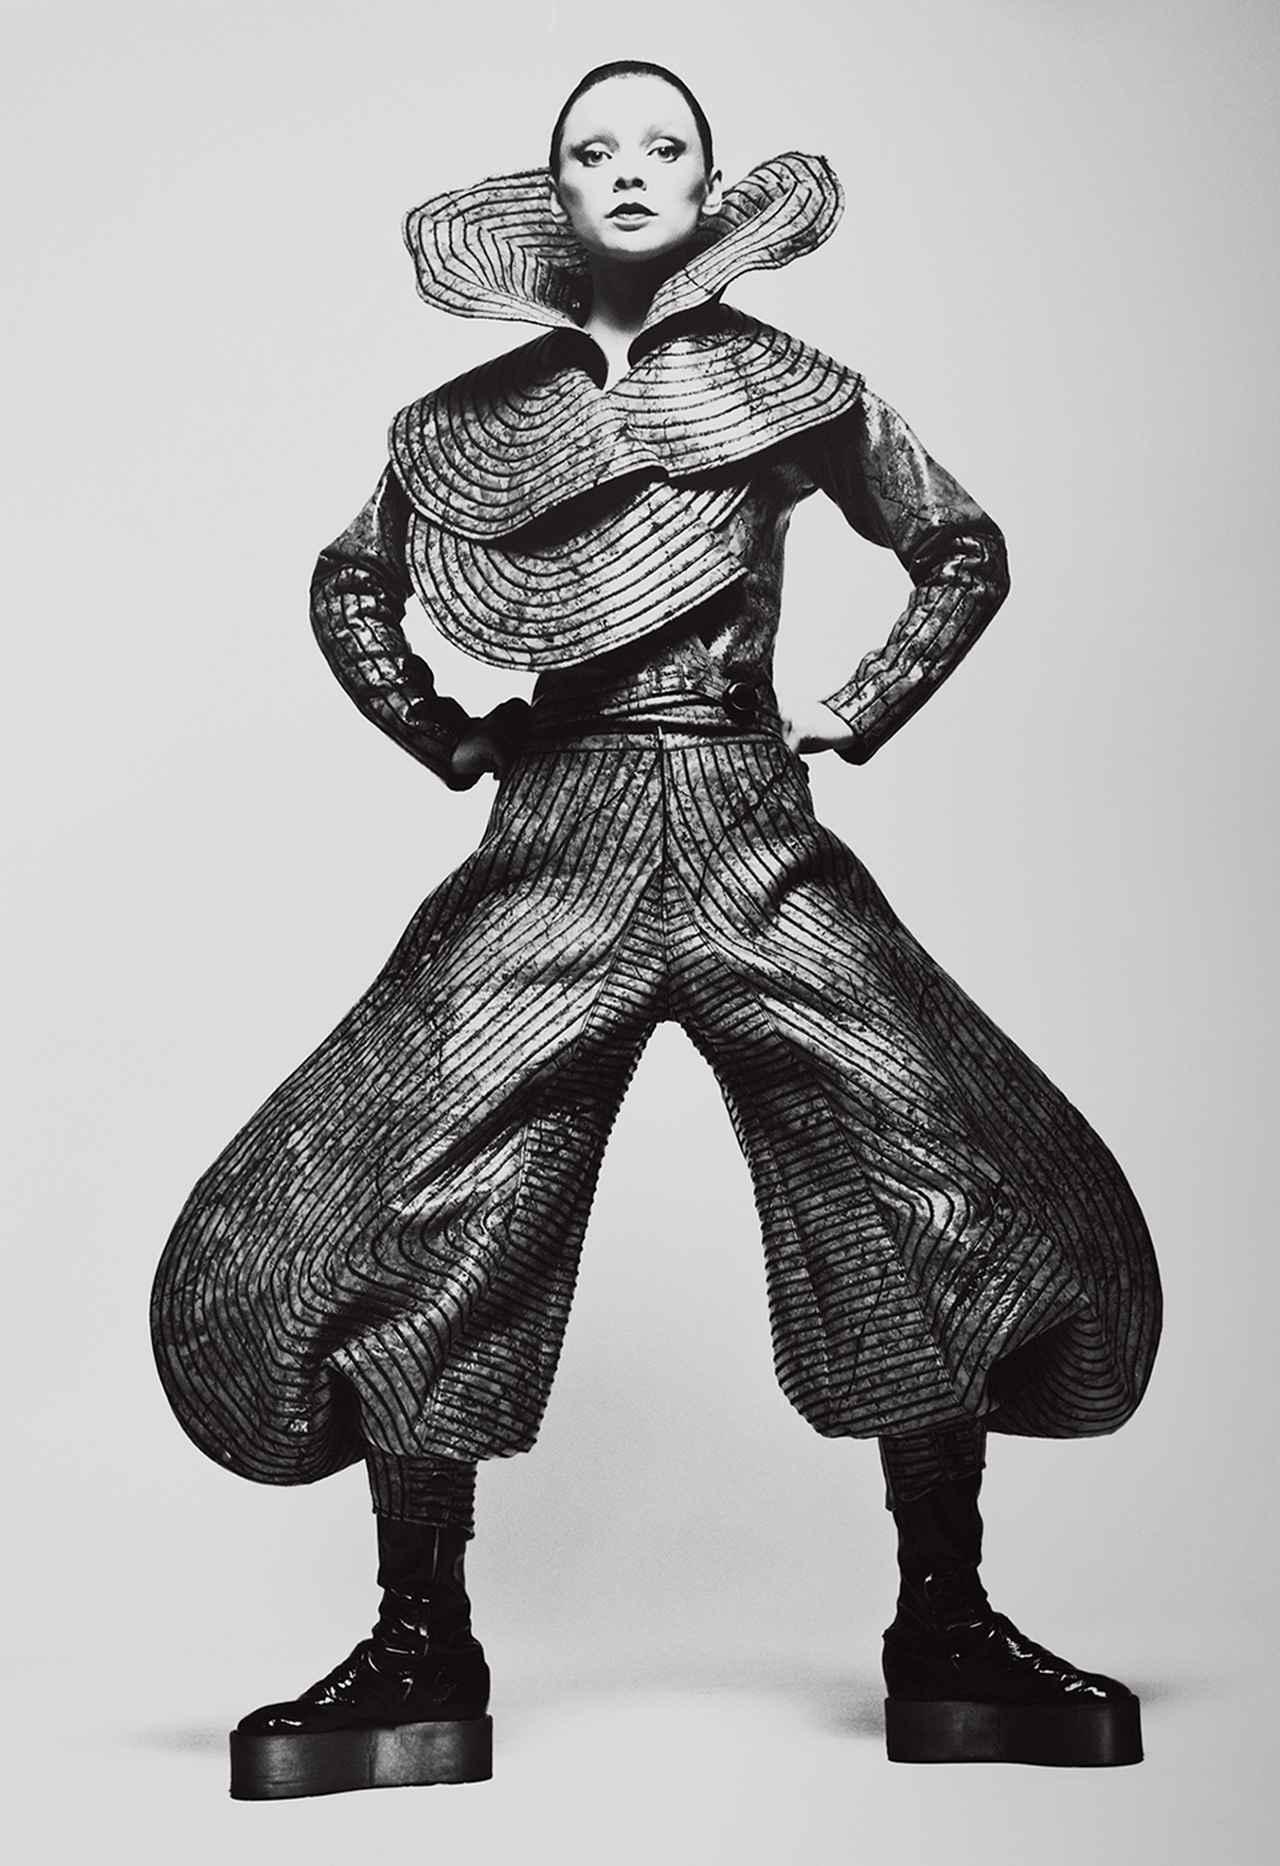 Images : 4番目の画像 - 「ファッション界随一の ファンタジスト、 山本寛斎が再ブームに<前編>」のアルバム - T JAPAN:The New York Times Style Magazine 公式サイト